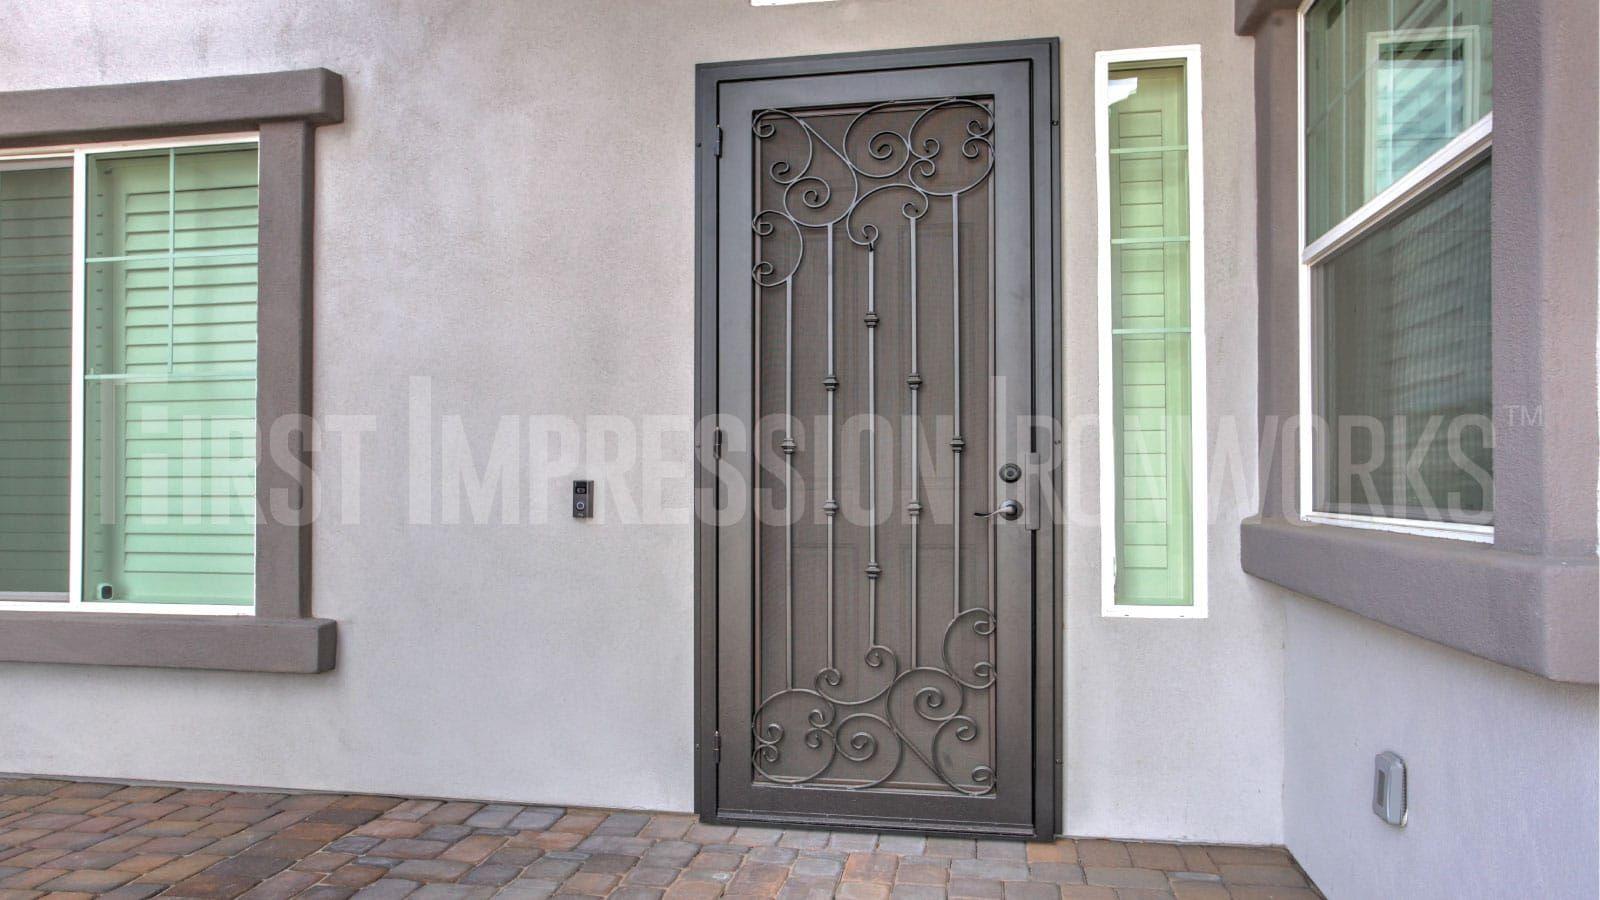 Gallery Iron Security Door Gate Designs First Impression Ironworks In 2020 Door Gate Design Gate Design Security Door